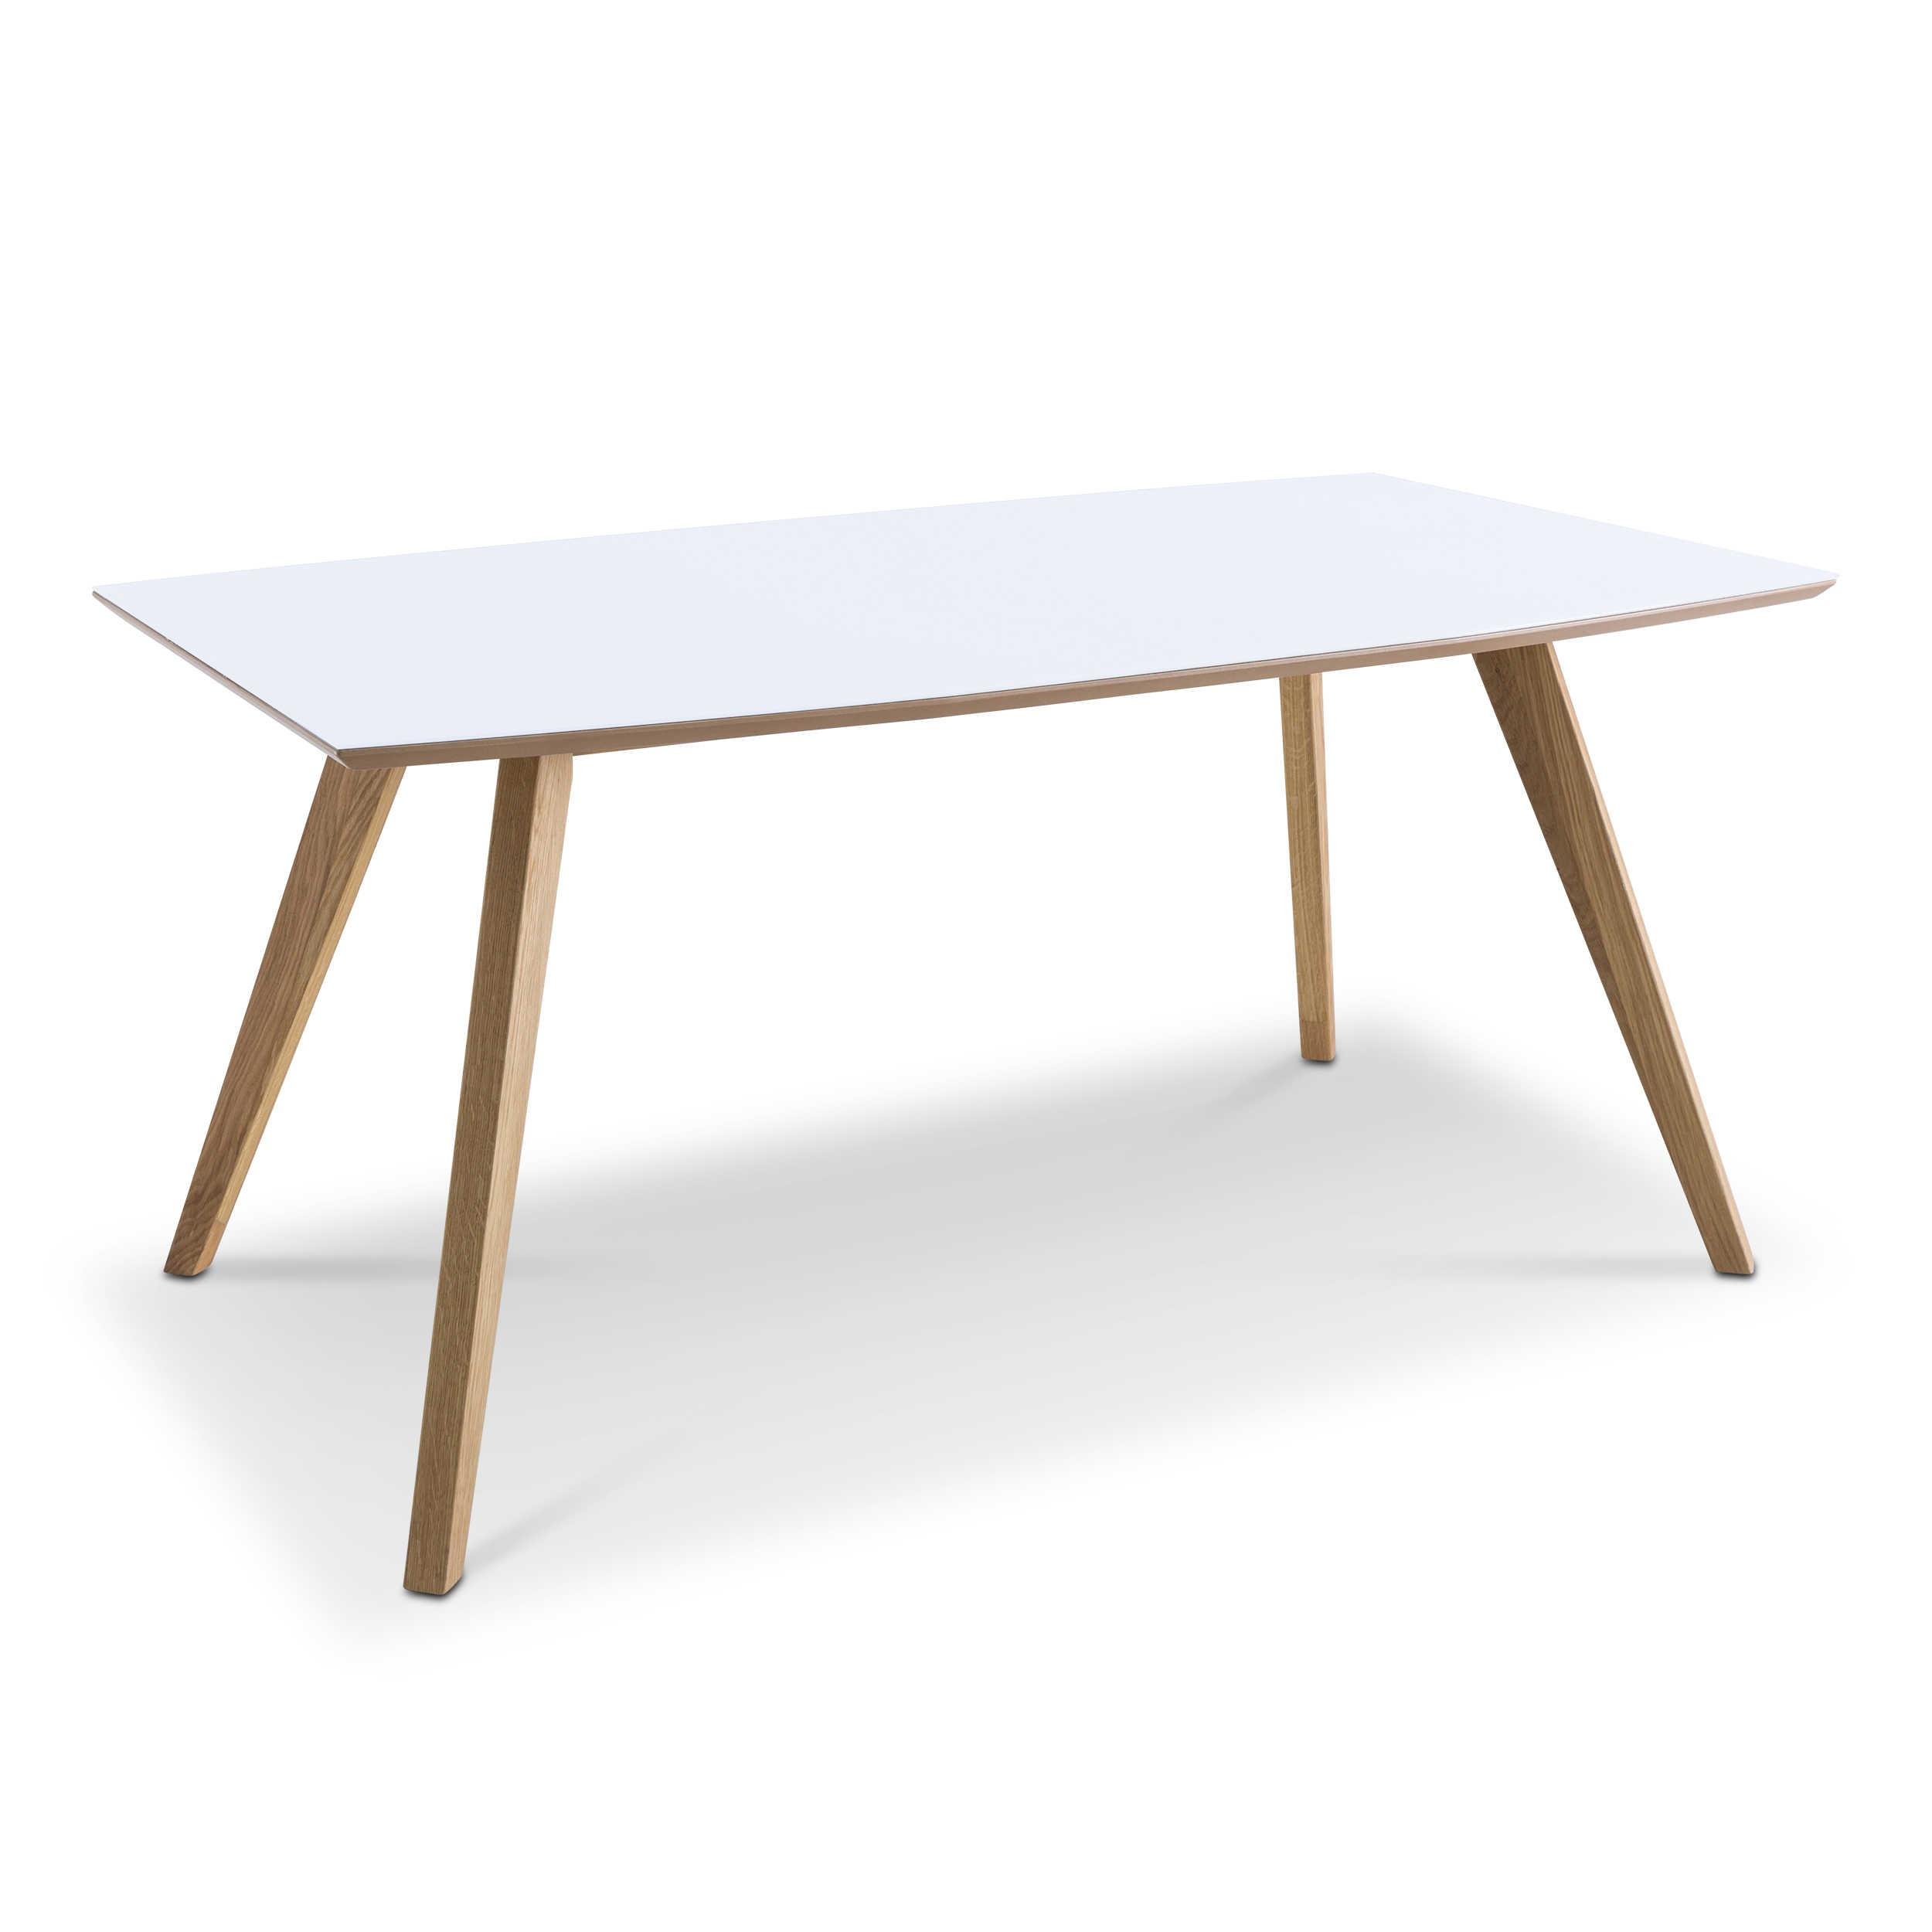 daheim.de, Esstisch Trondheim 160 x 90 cm Eiche Holz online kaufen ...